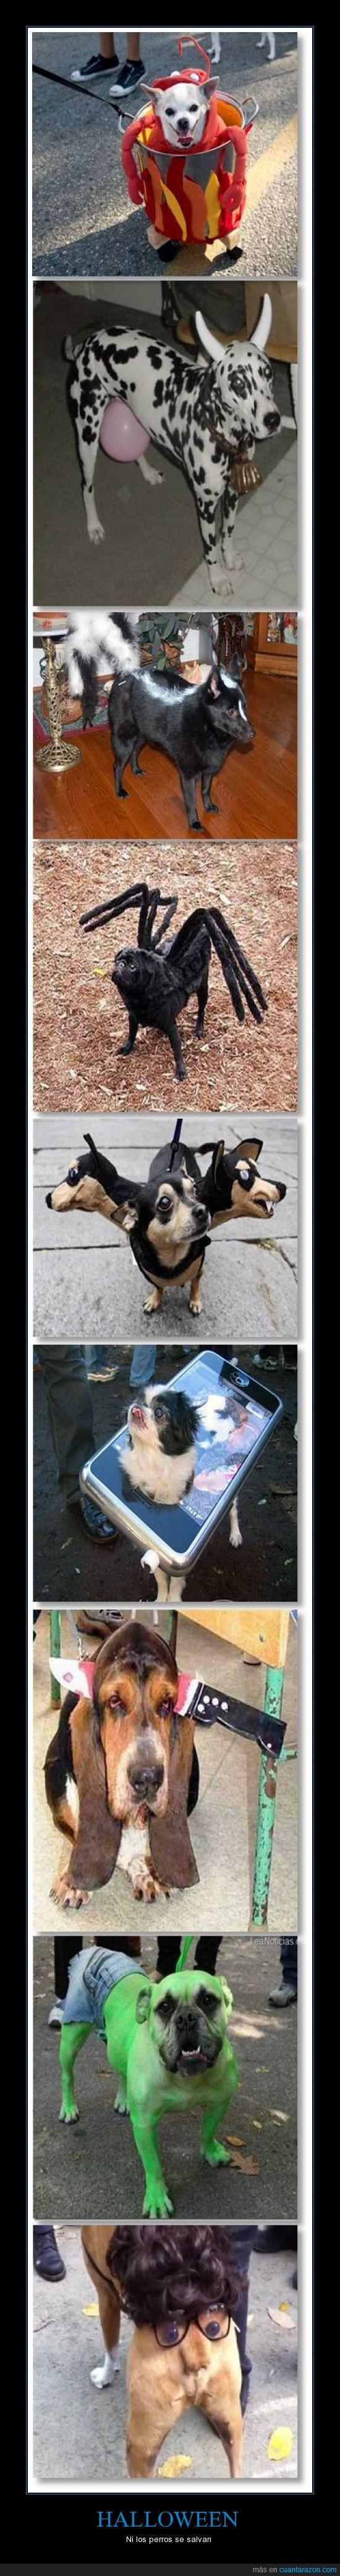 humor,Halloween,Mascotas,Disfraz,Perro